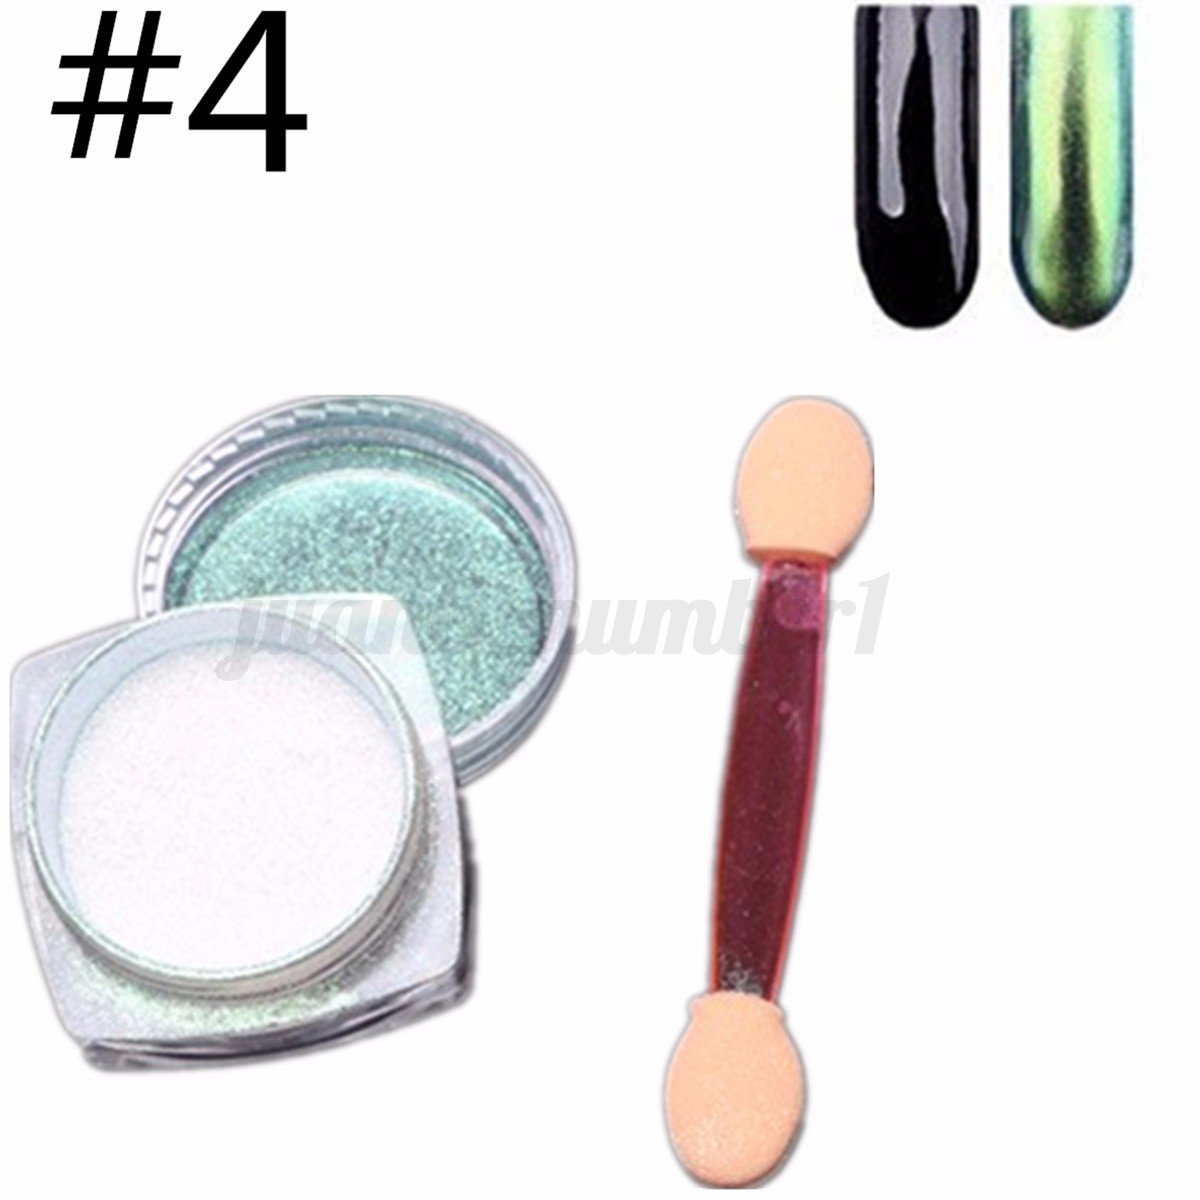 6 12 colori specchio polvere unghie effetto cromato mirror powder nail art set ebay - Polvere effetto specchio unghie ...